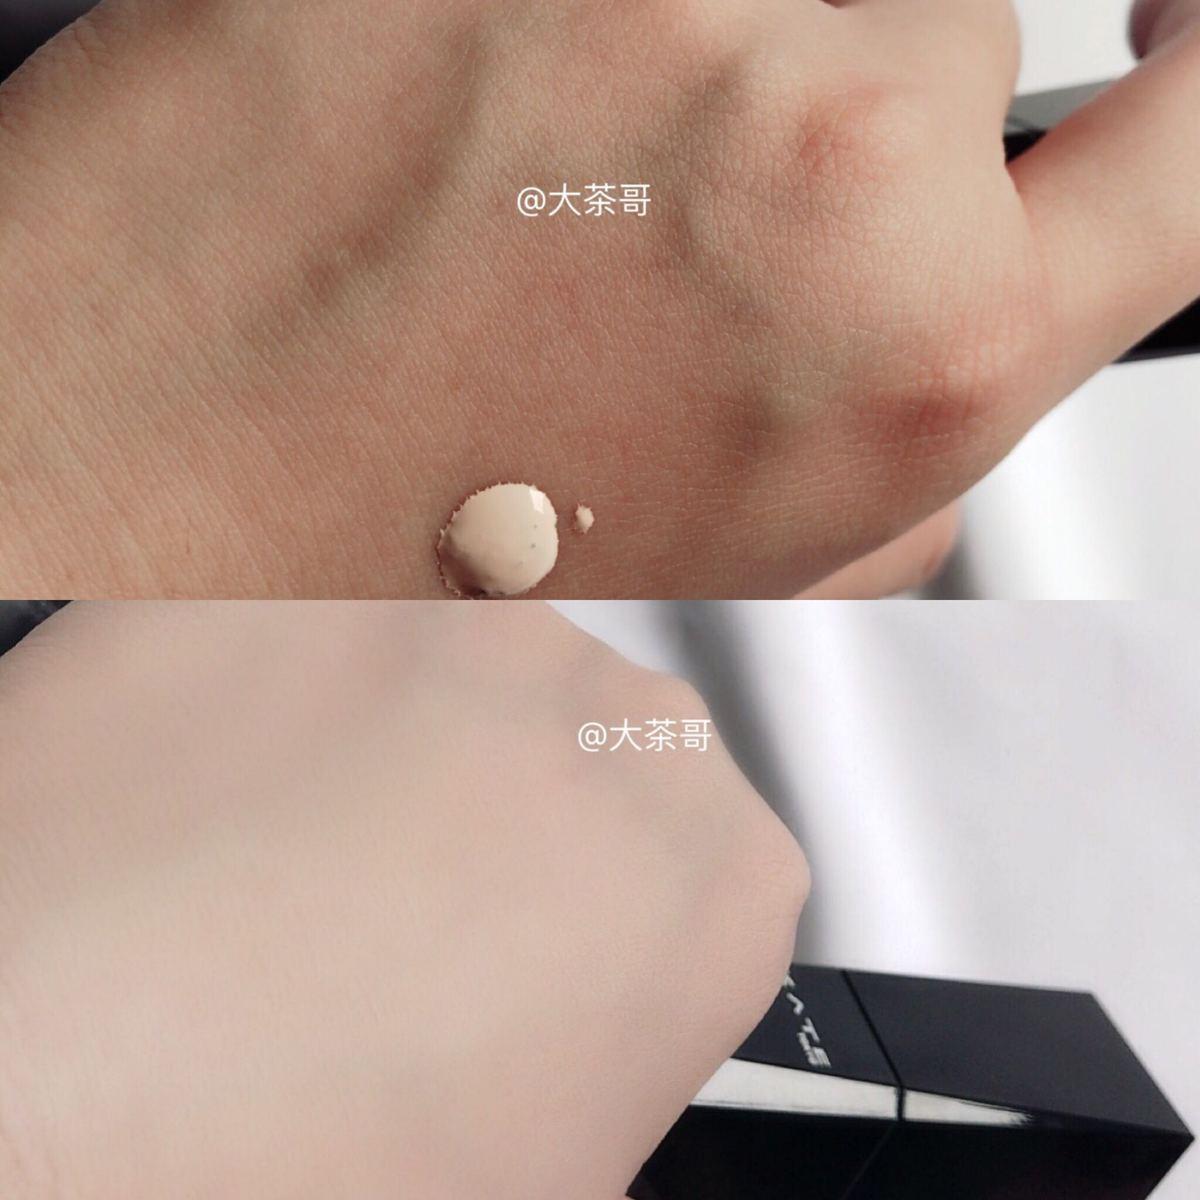 台湾正品新款限定嘉娜宝KATE保湿遮瑕不脱妆零毛孔粉底海外专用色